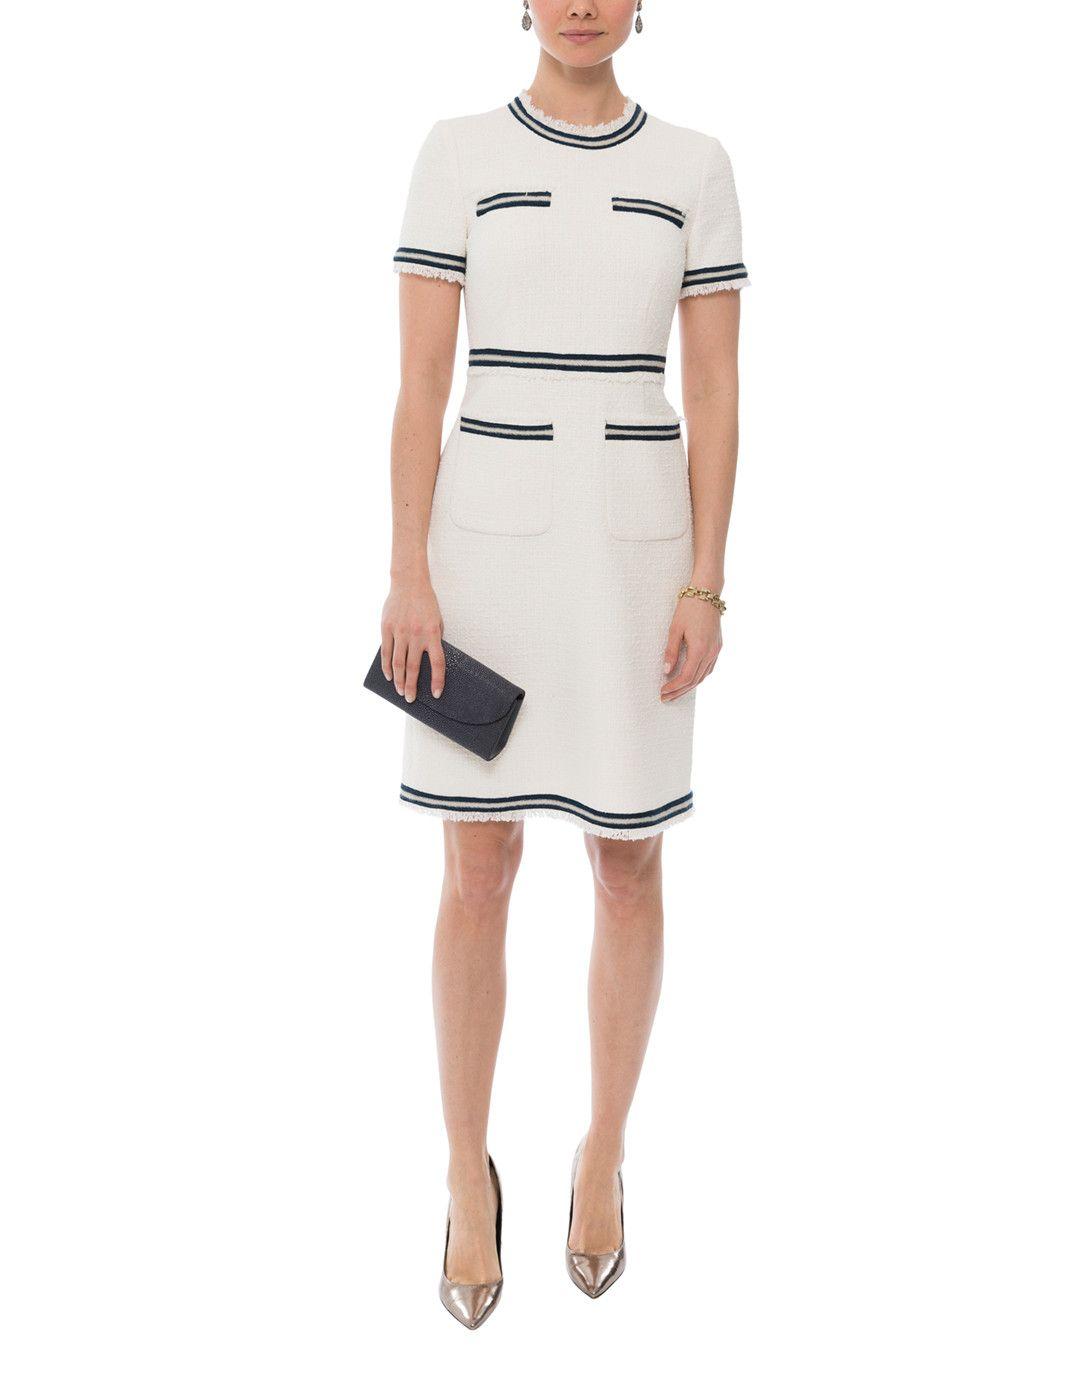 a57cd87e444 Susanna Cream Tweed Dress